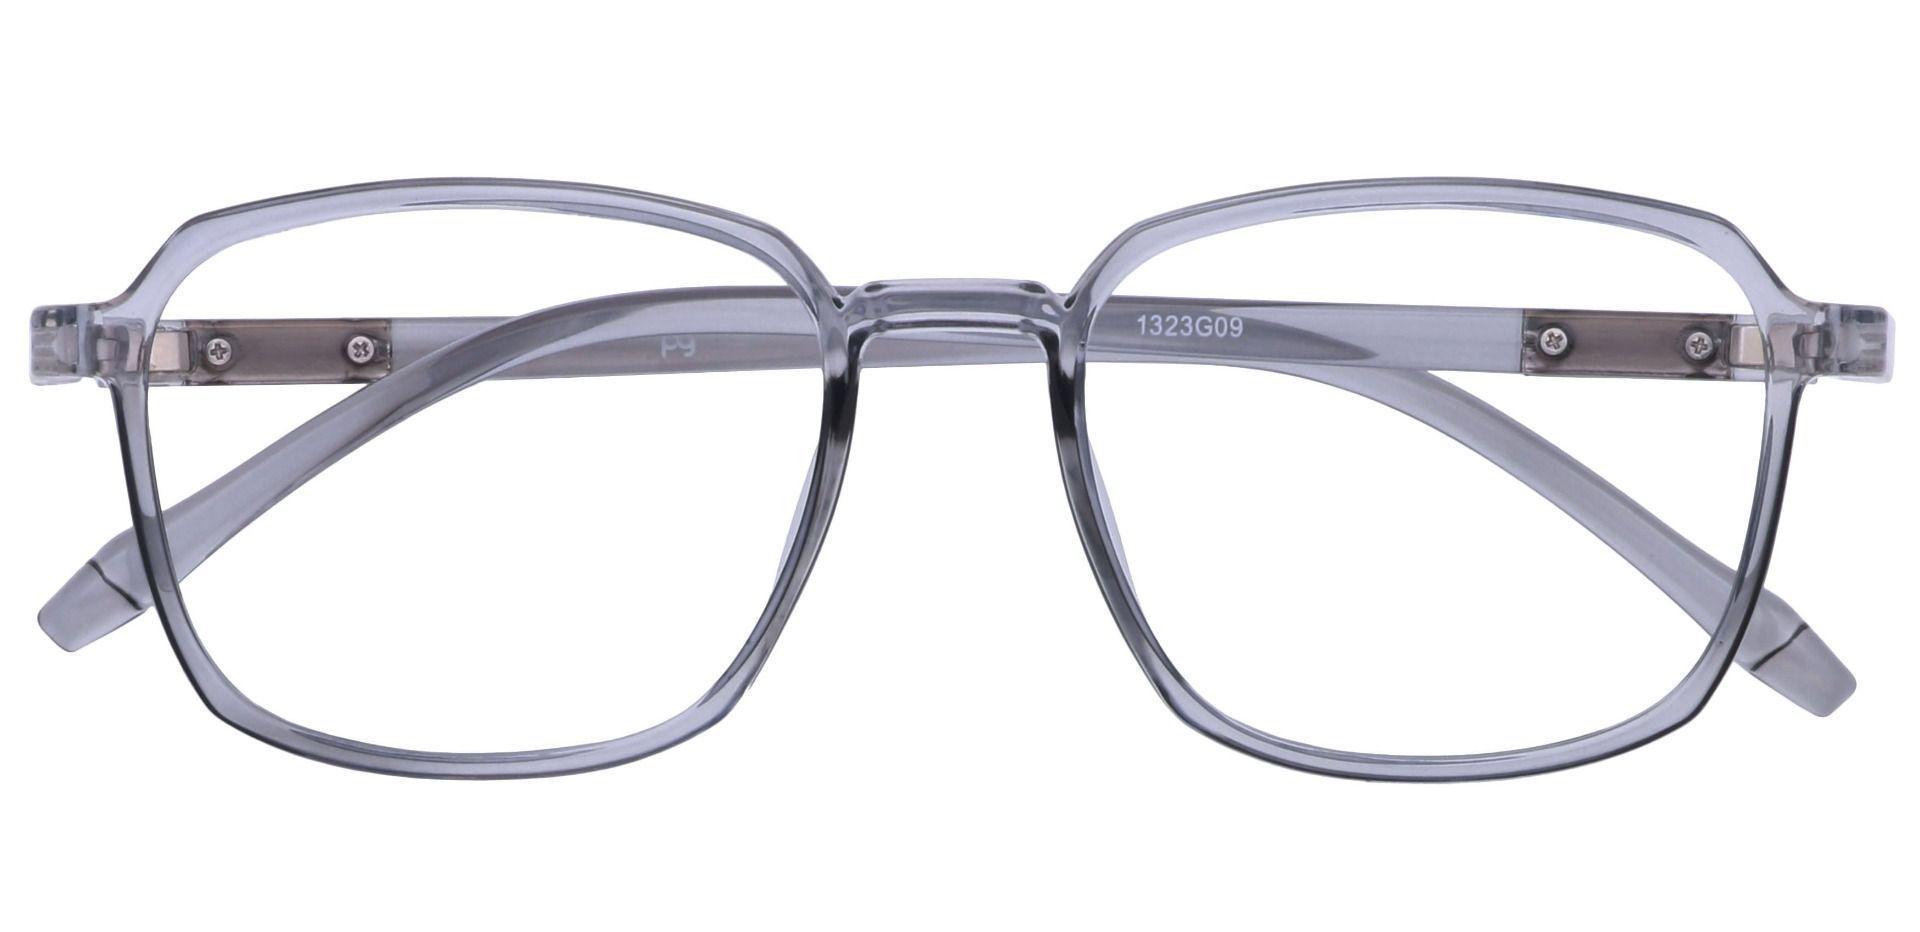 Stella Square Prescription Glasses - Gray